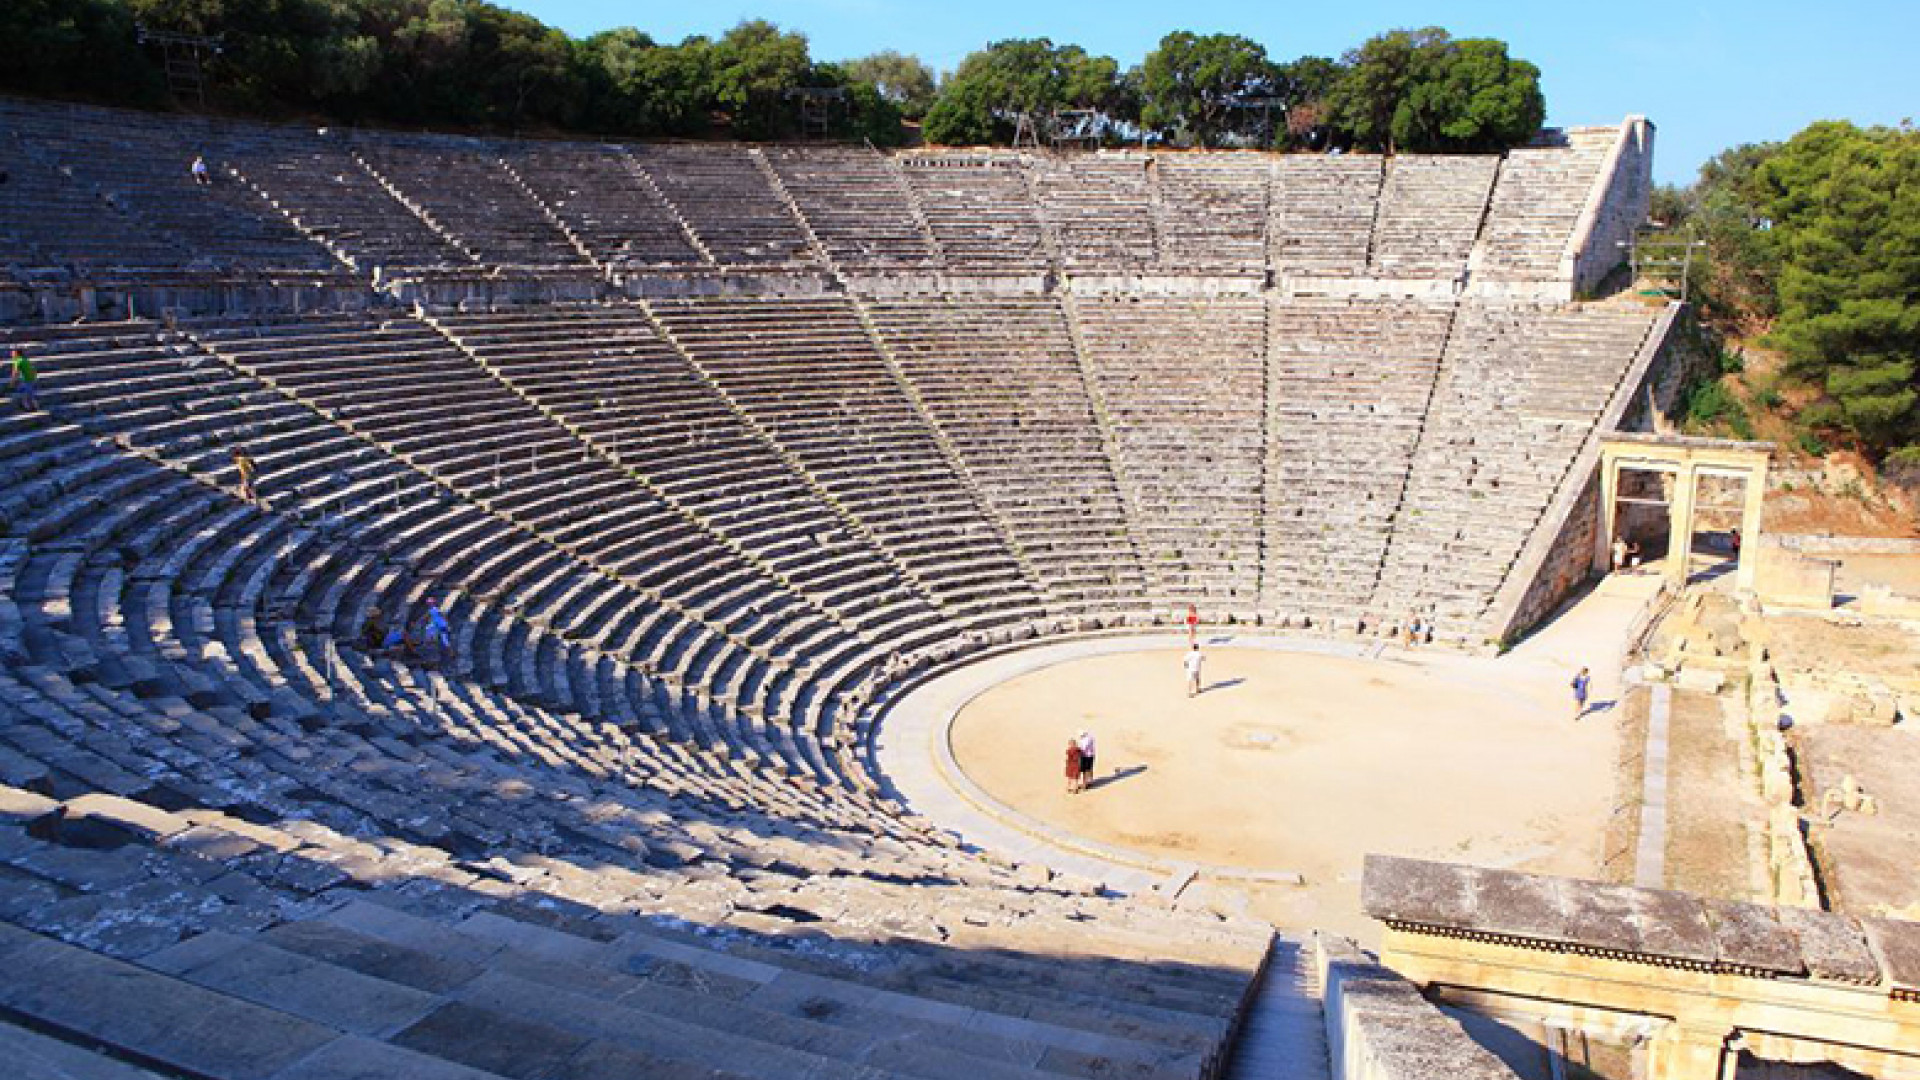 Epidaurus-ancient-theatre